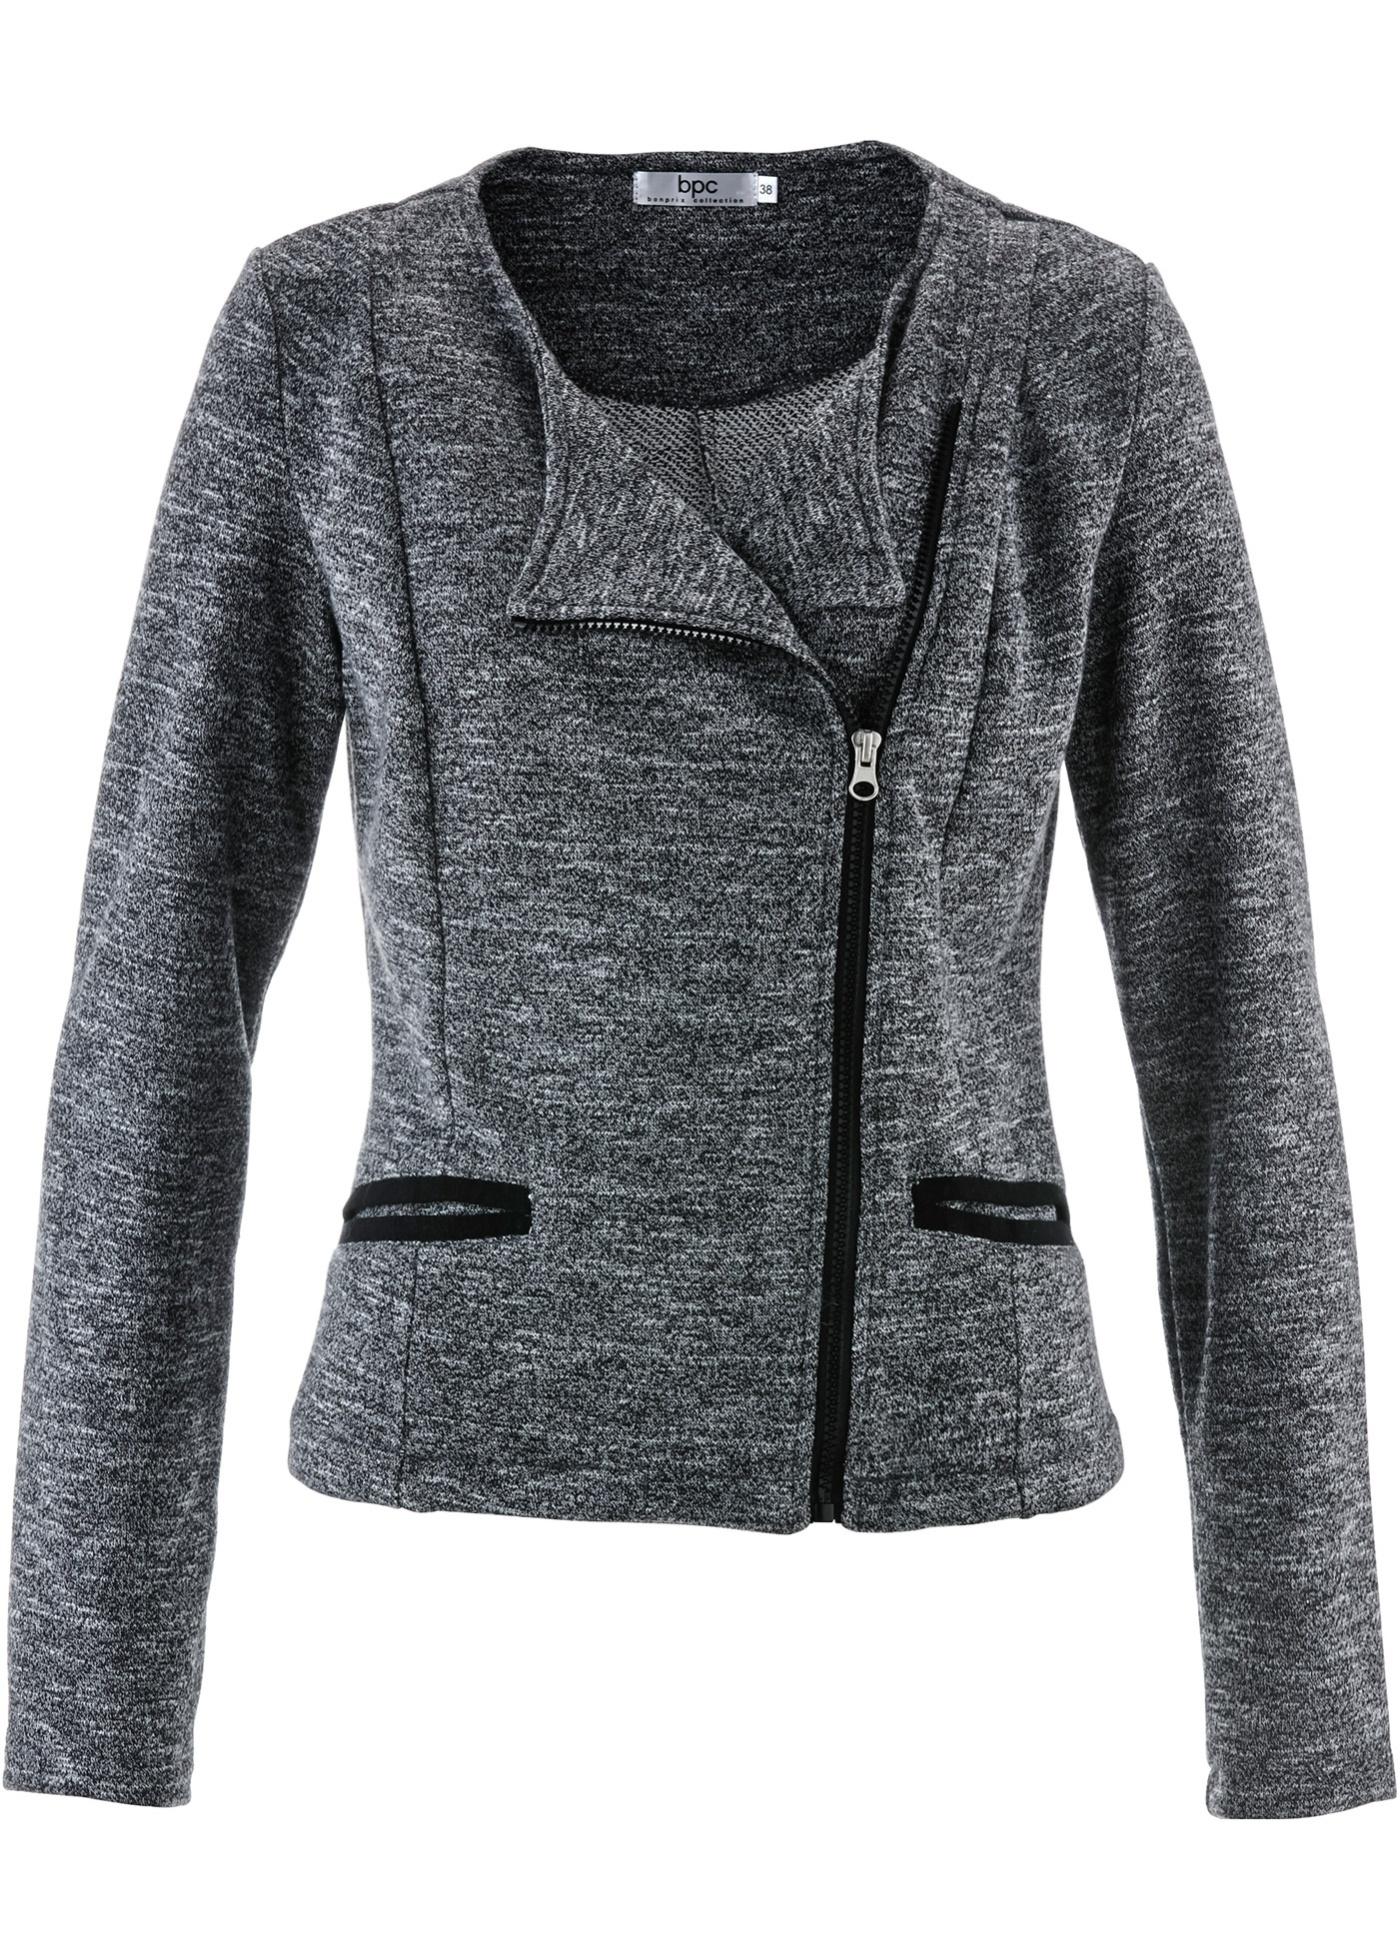 Veste sweat-shirt gris manches longues femme -...